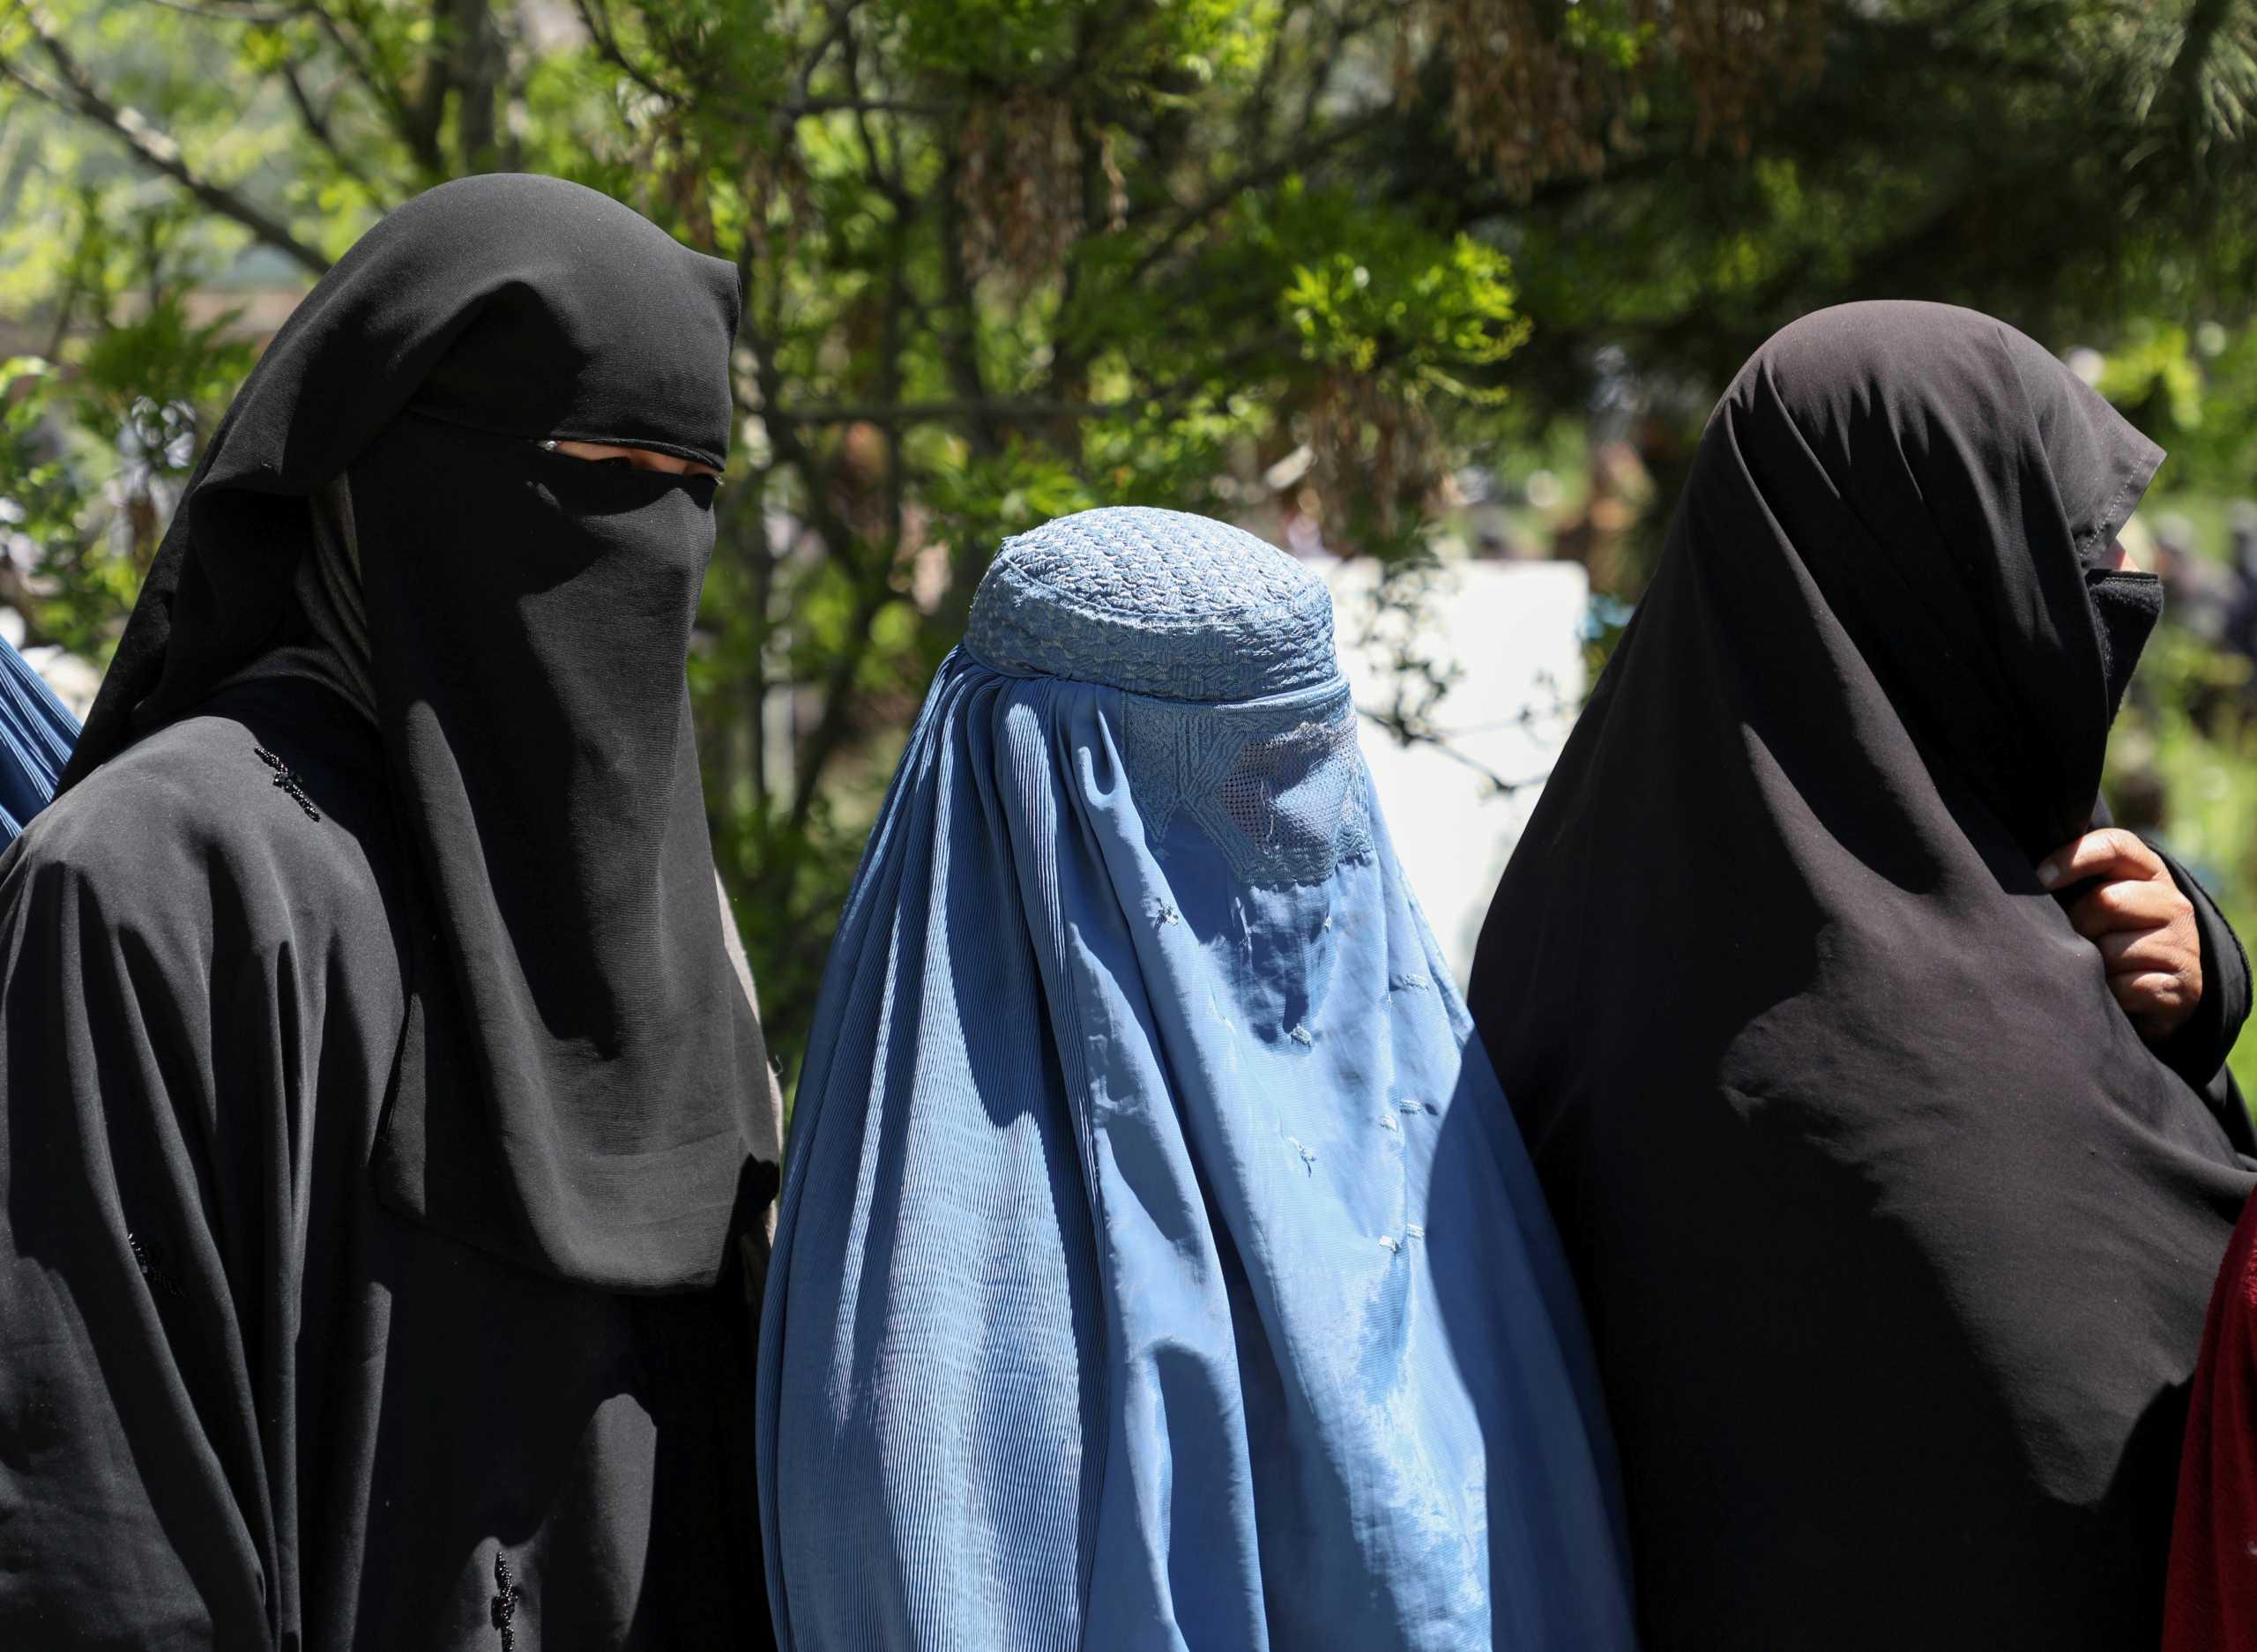 Αφγανιστάν: Οι Ταλιμπάν διέταξαν τις εργαζόμενες να μείνουν στο σπίτι